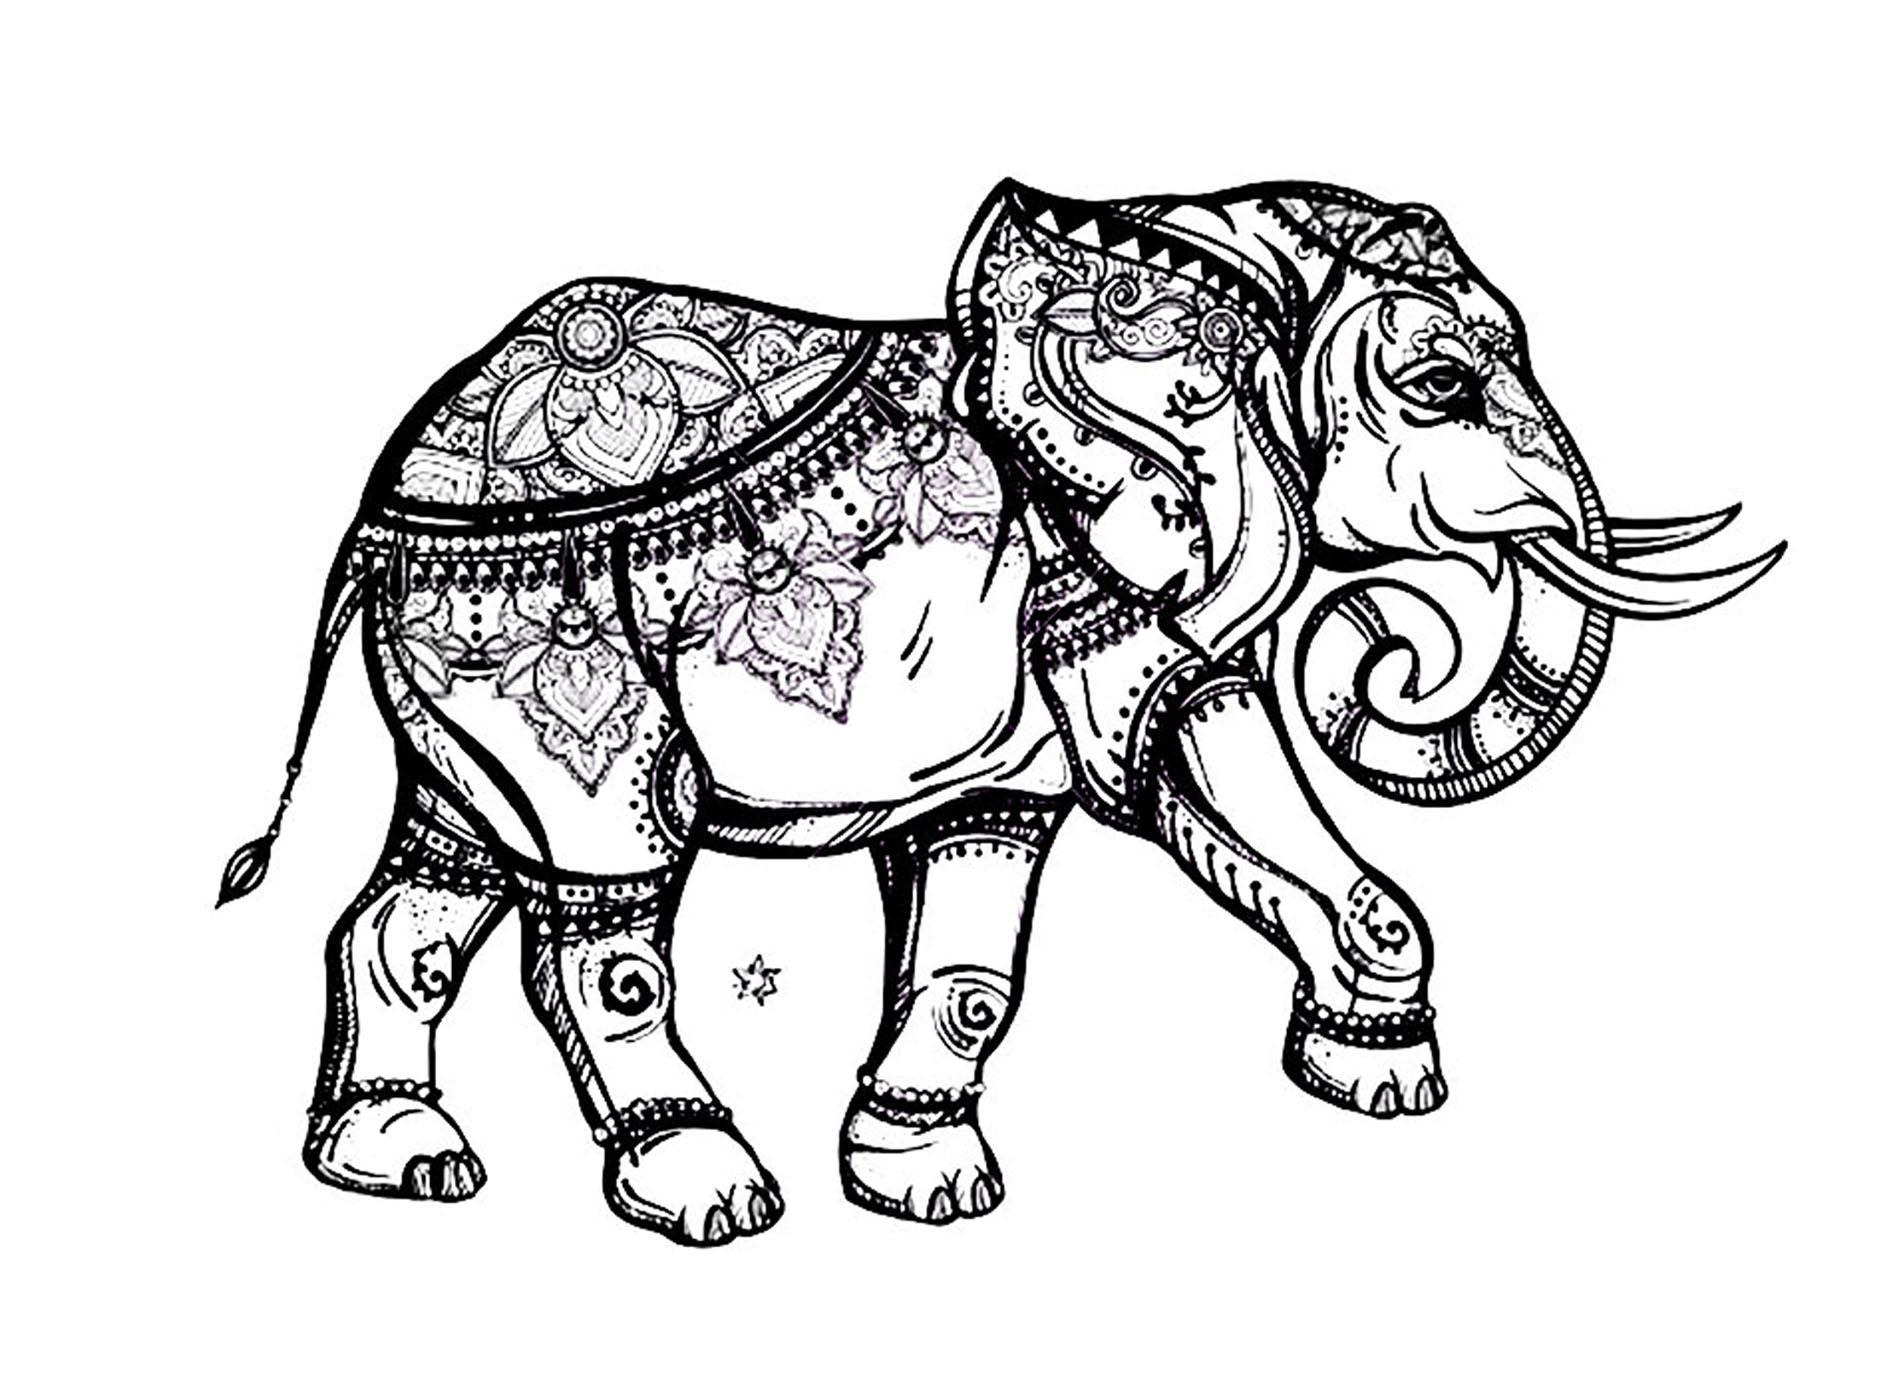 Coloriage A Imprimer Difficile Elephant.Elephant Elegant Elephants Coloriages Difficiles Pour Adultes